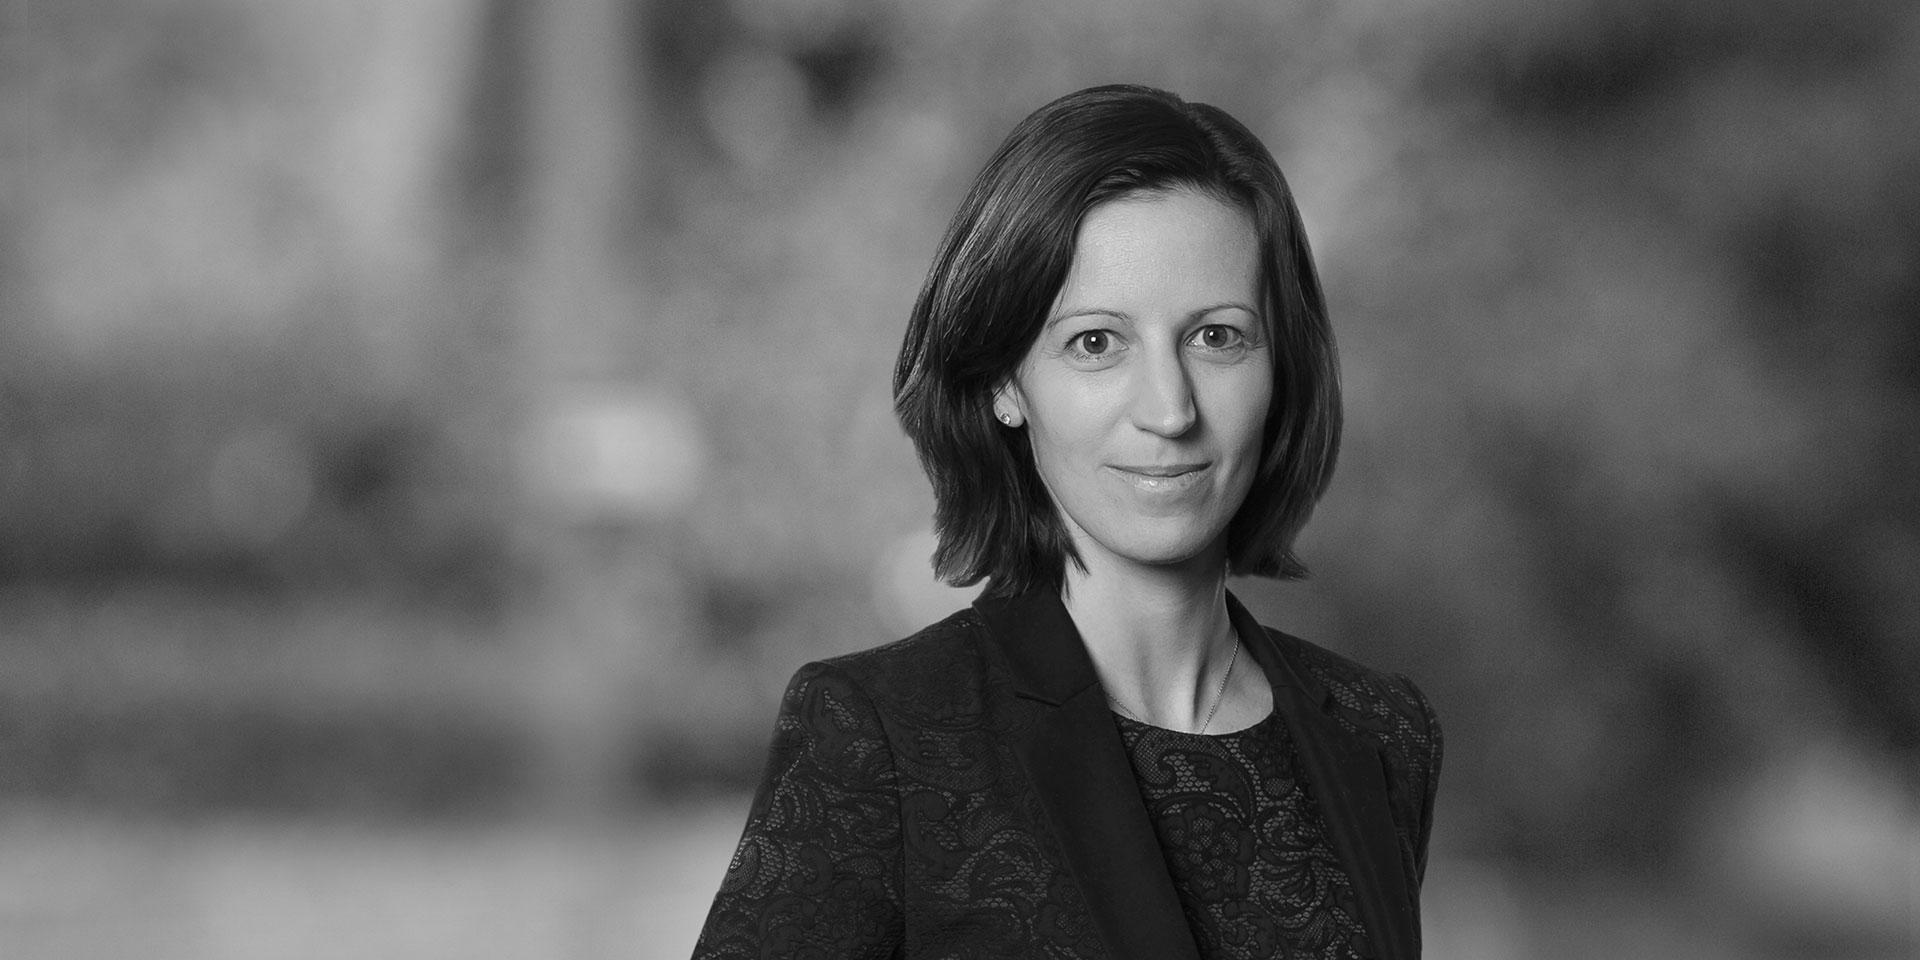 Nathalie Negre-Eveillard